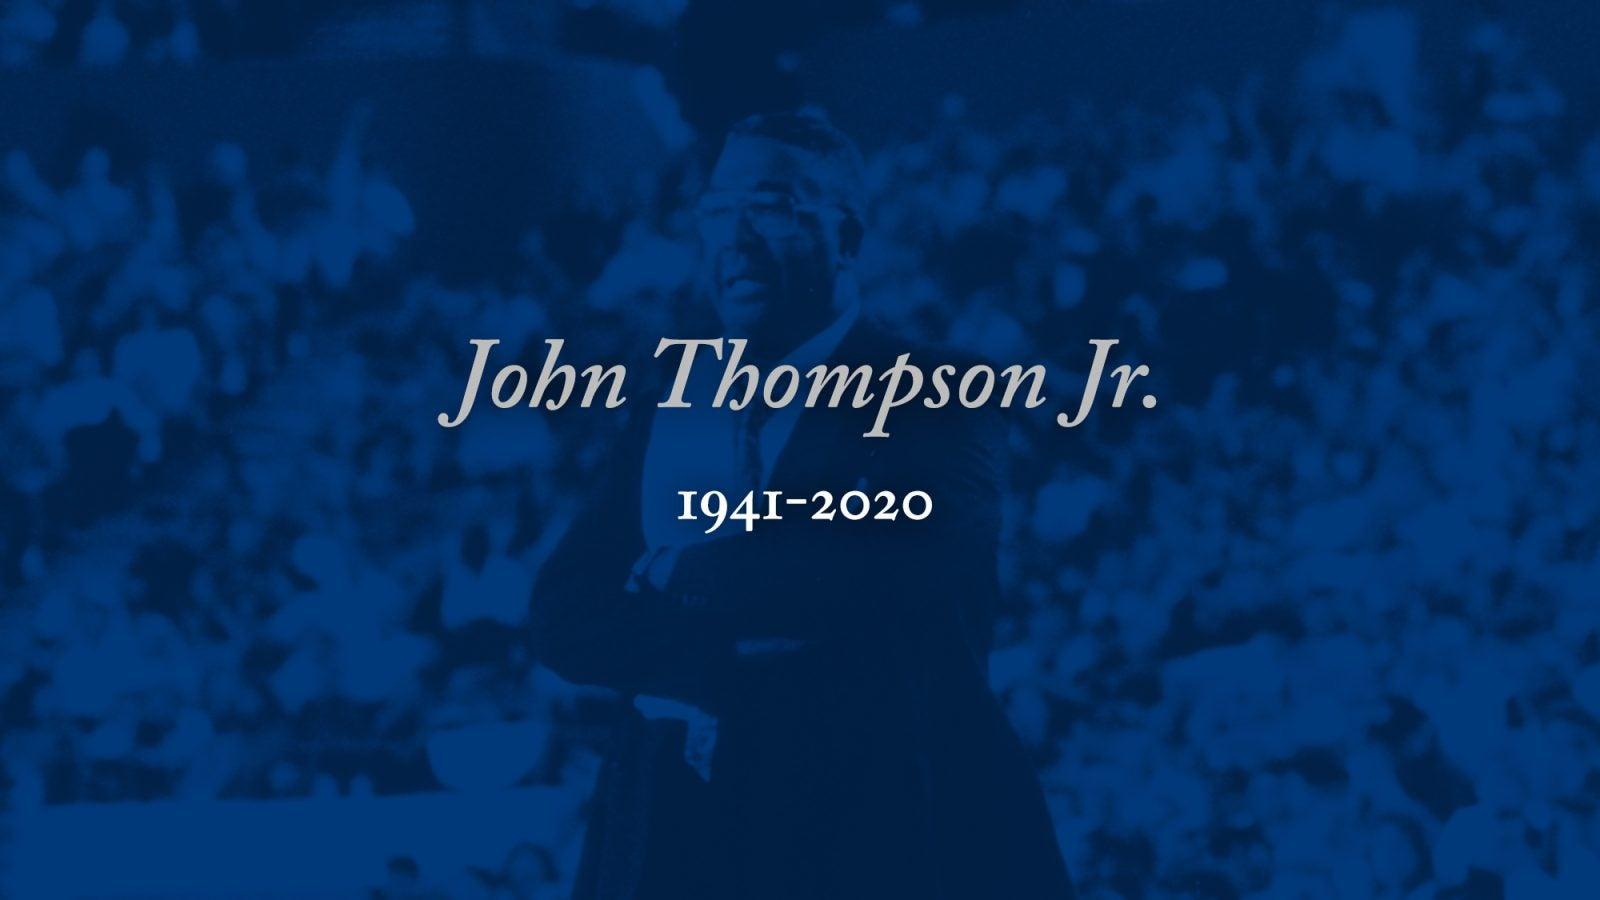 John Thompson Jr., 1941-2020